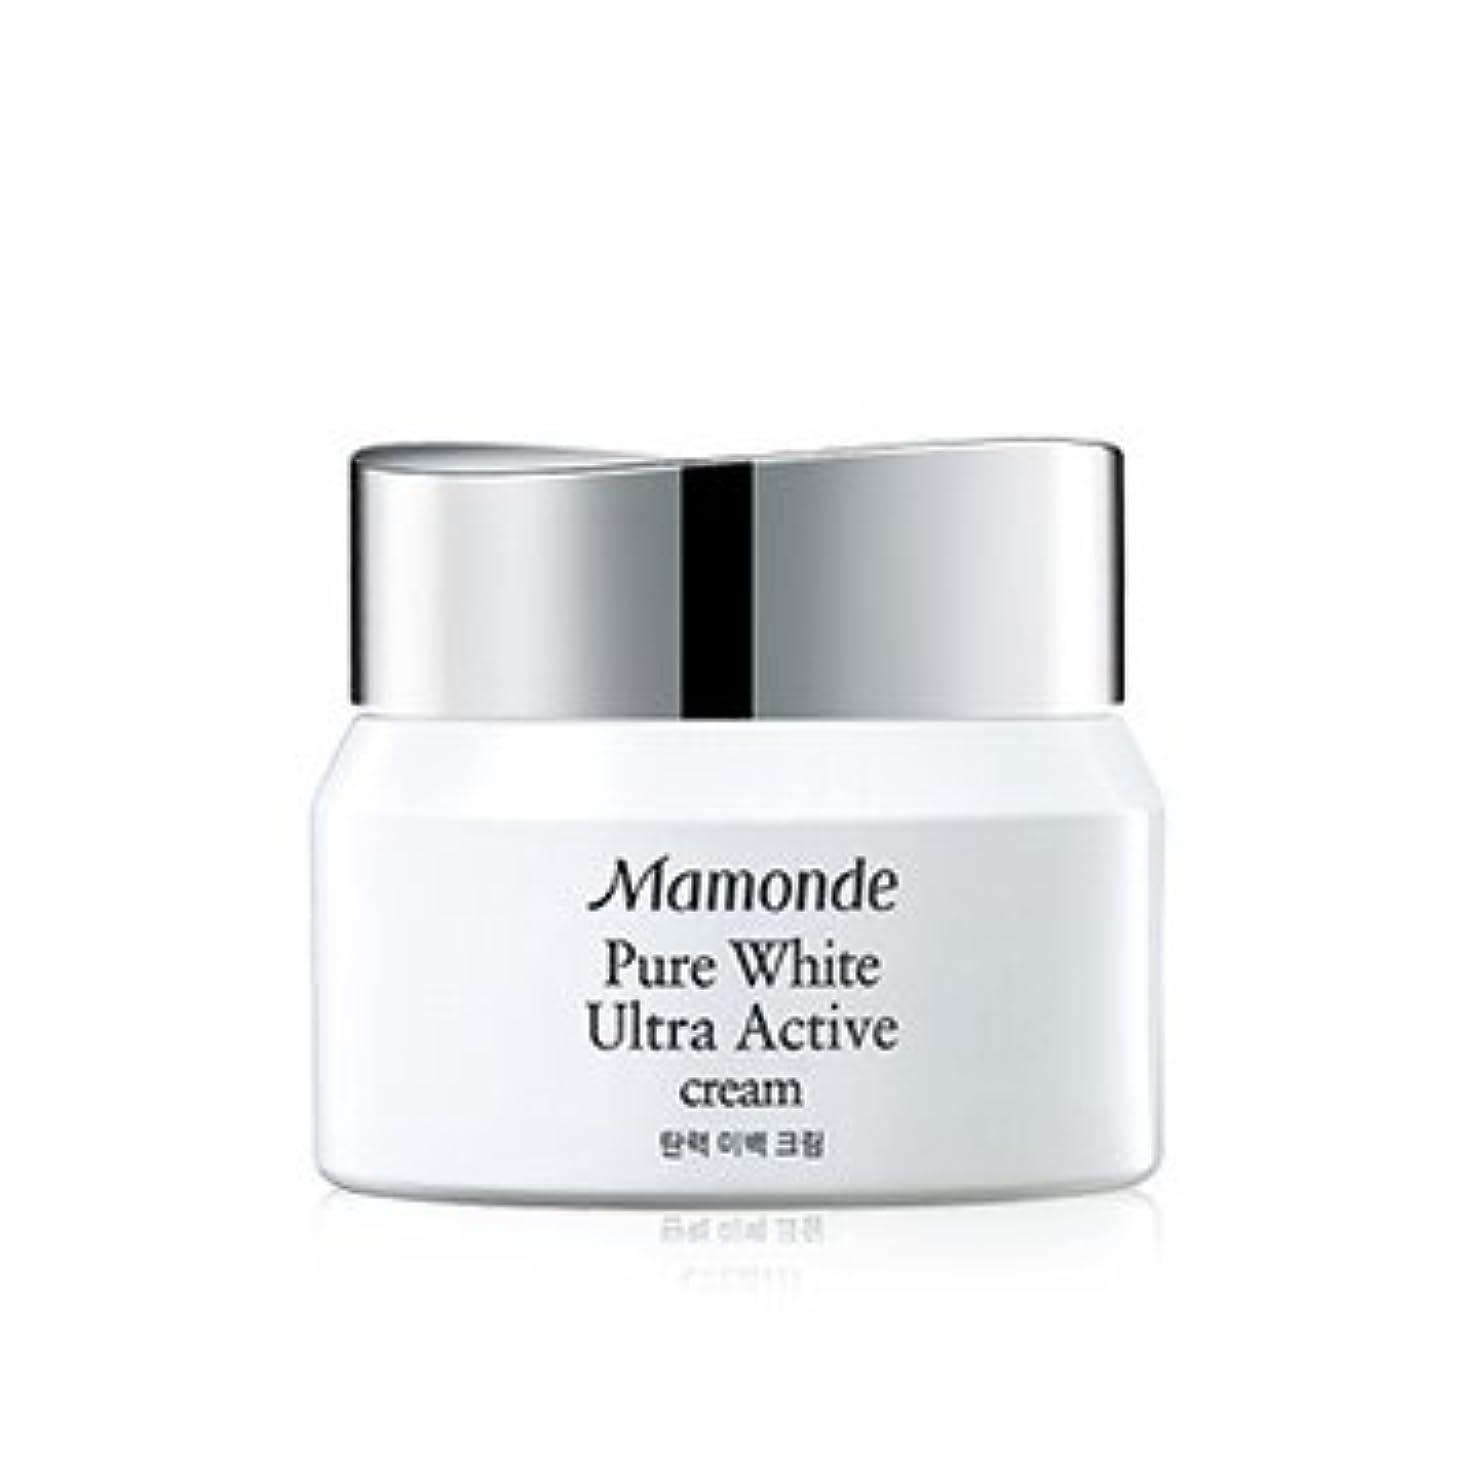 バイナリ以来ライオンMamonde Pure White Ultra Active Cream 50ml/マモンド ピュア ホワイト ウルトラ アクティブ クリーム 50ml [並行輸入品]